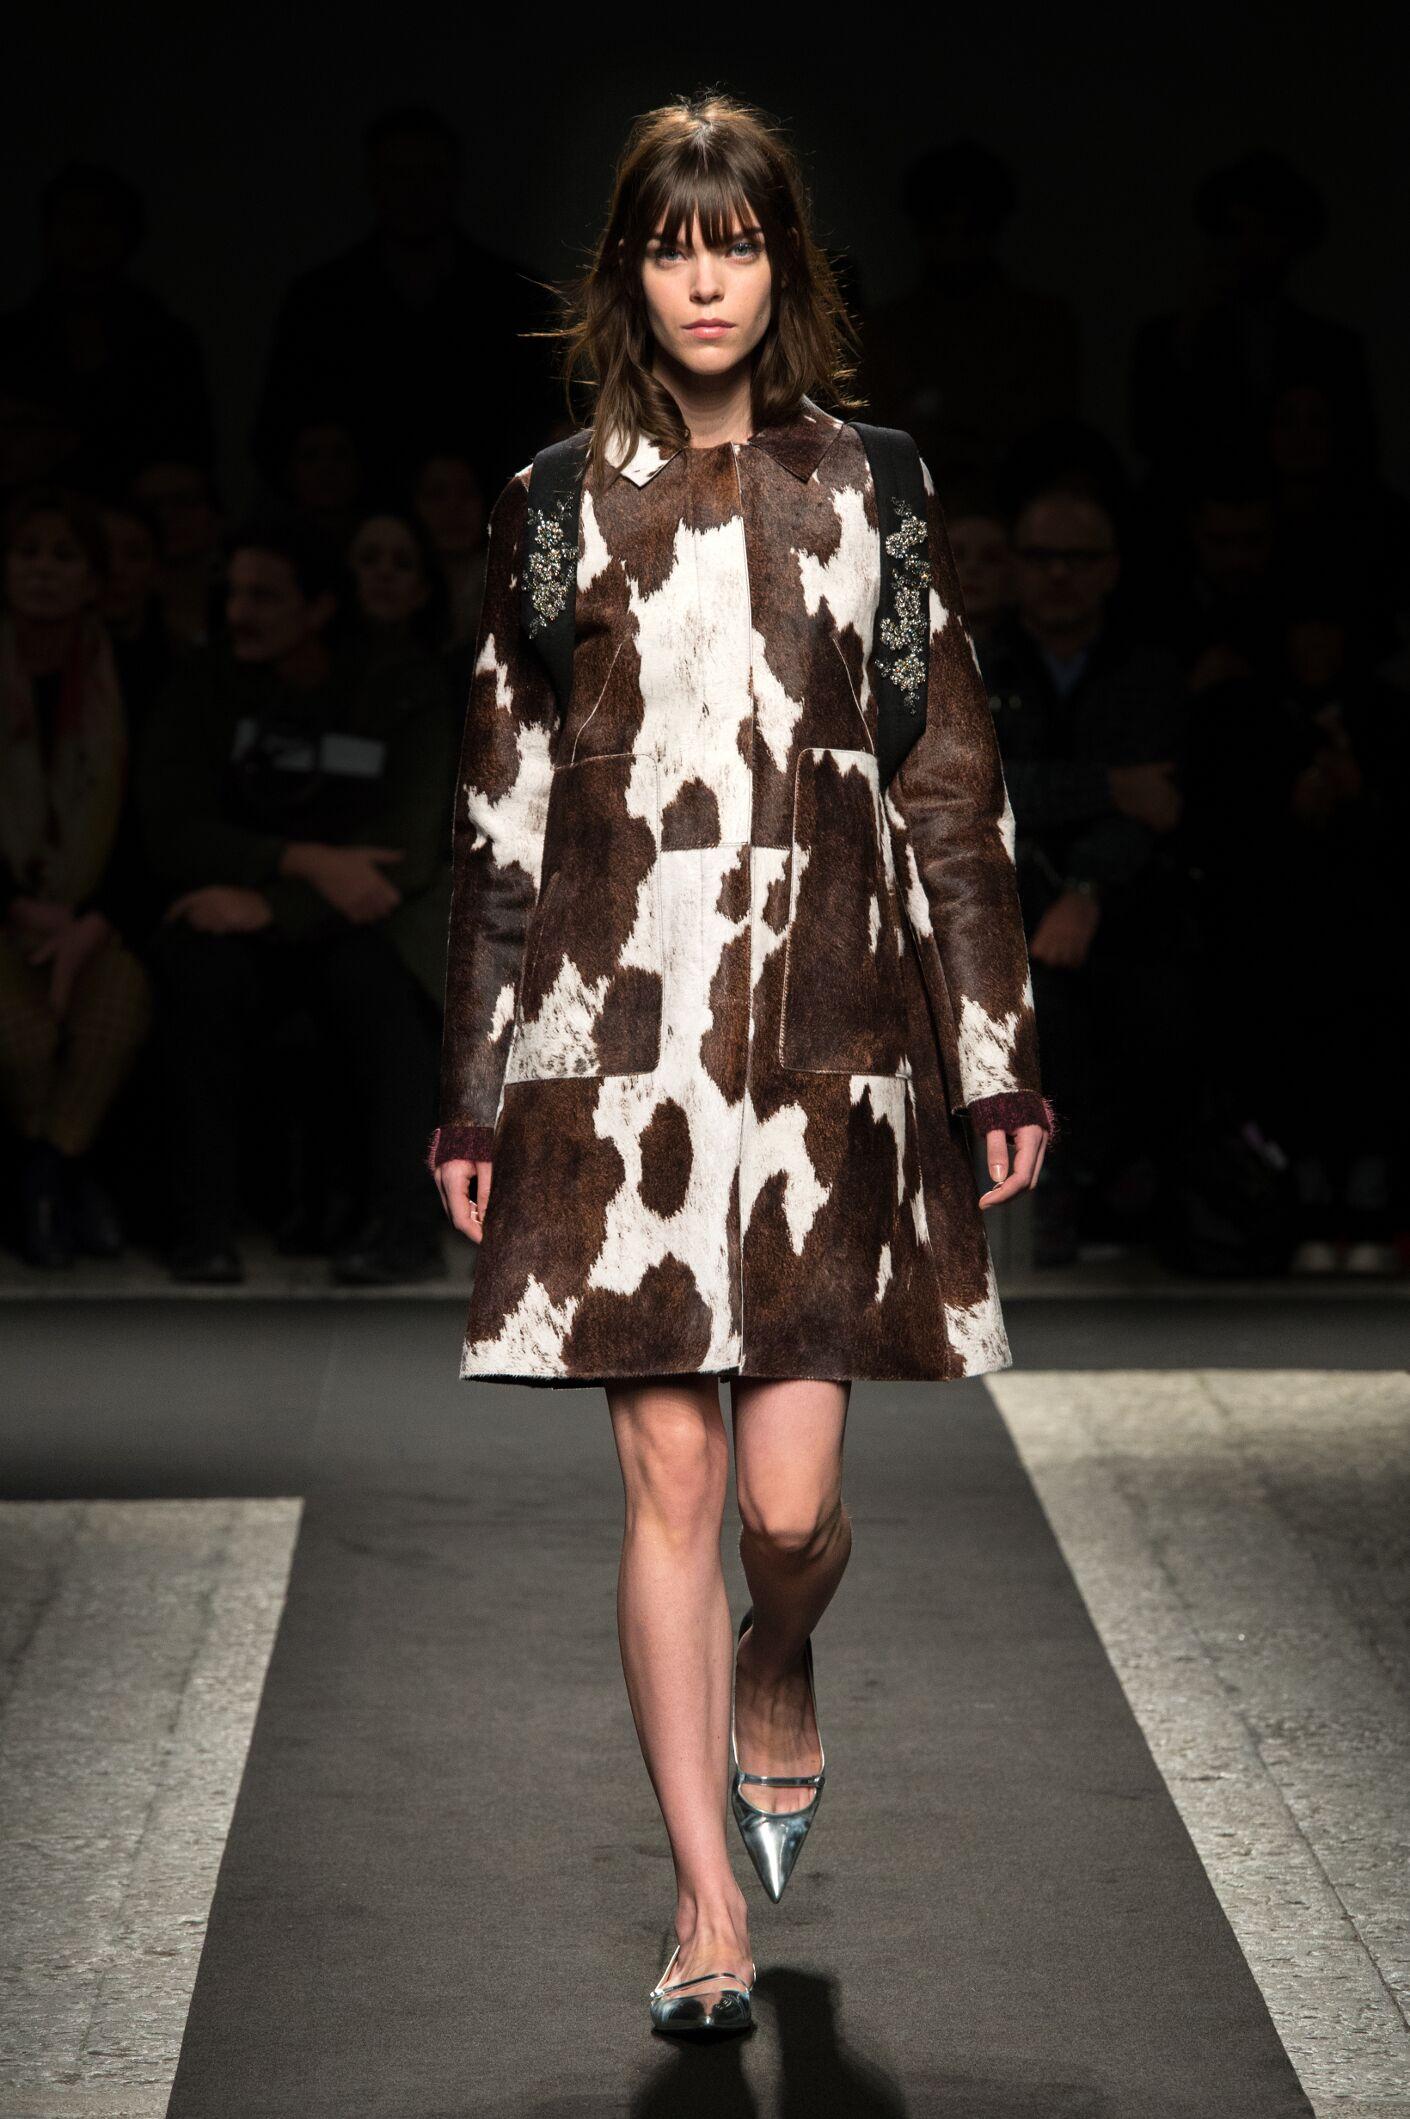 Fashion Woman Model N°21 Catwalk